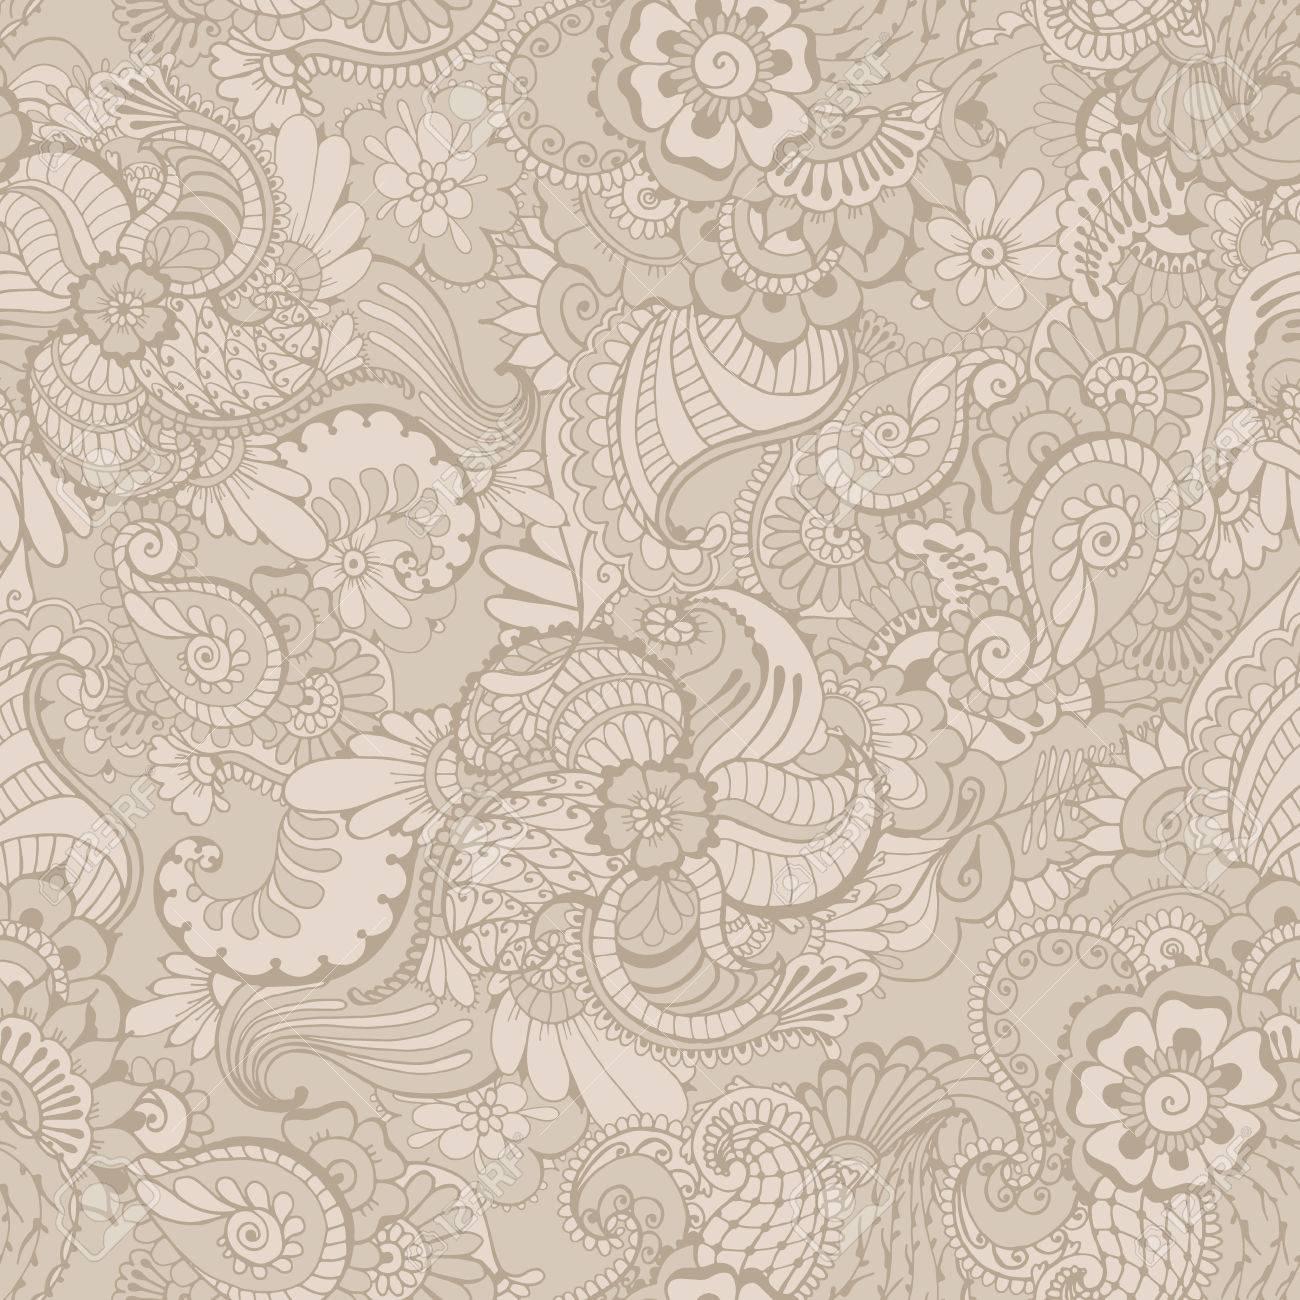 Wunderbar Blumenhintergrund Mit Indische Verzierung In Grauen Farben. Nahtlose Muster  Für Ihr Design Tapeten, Muster